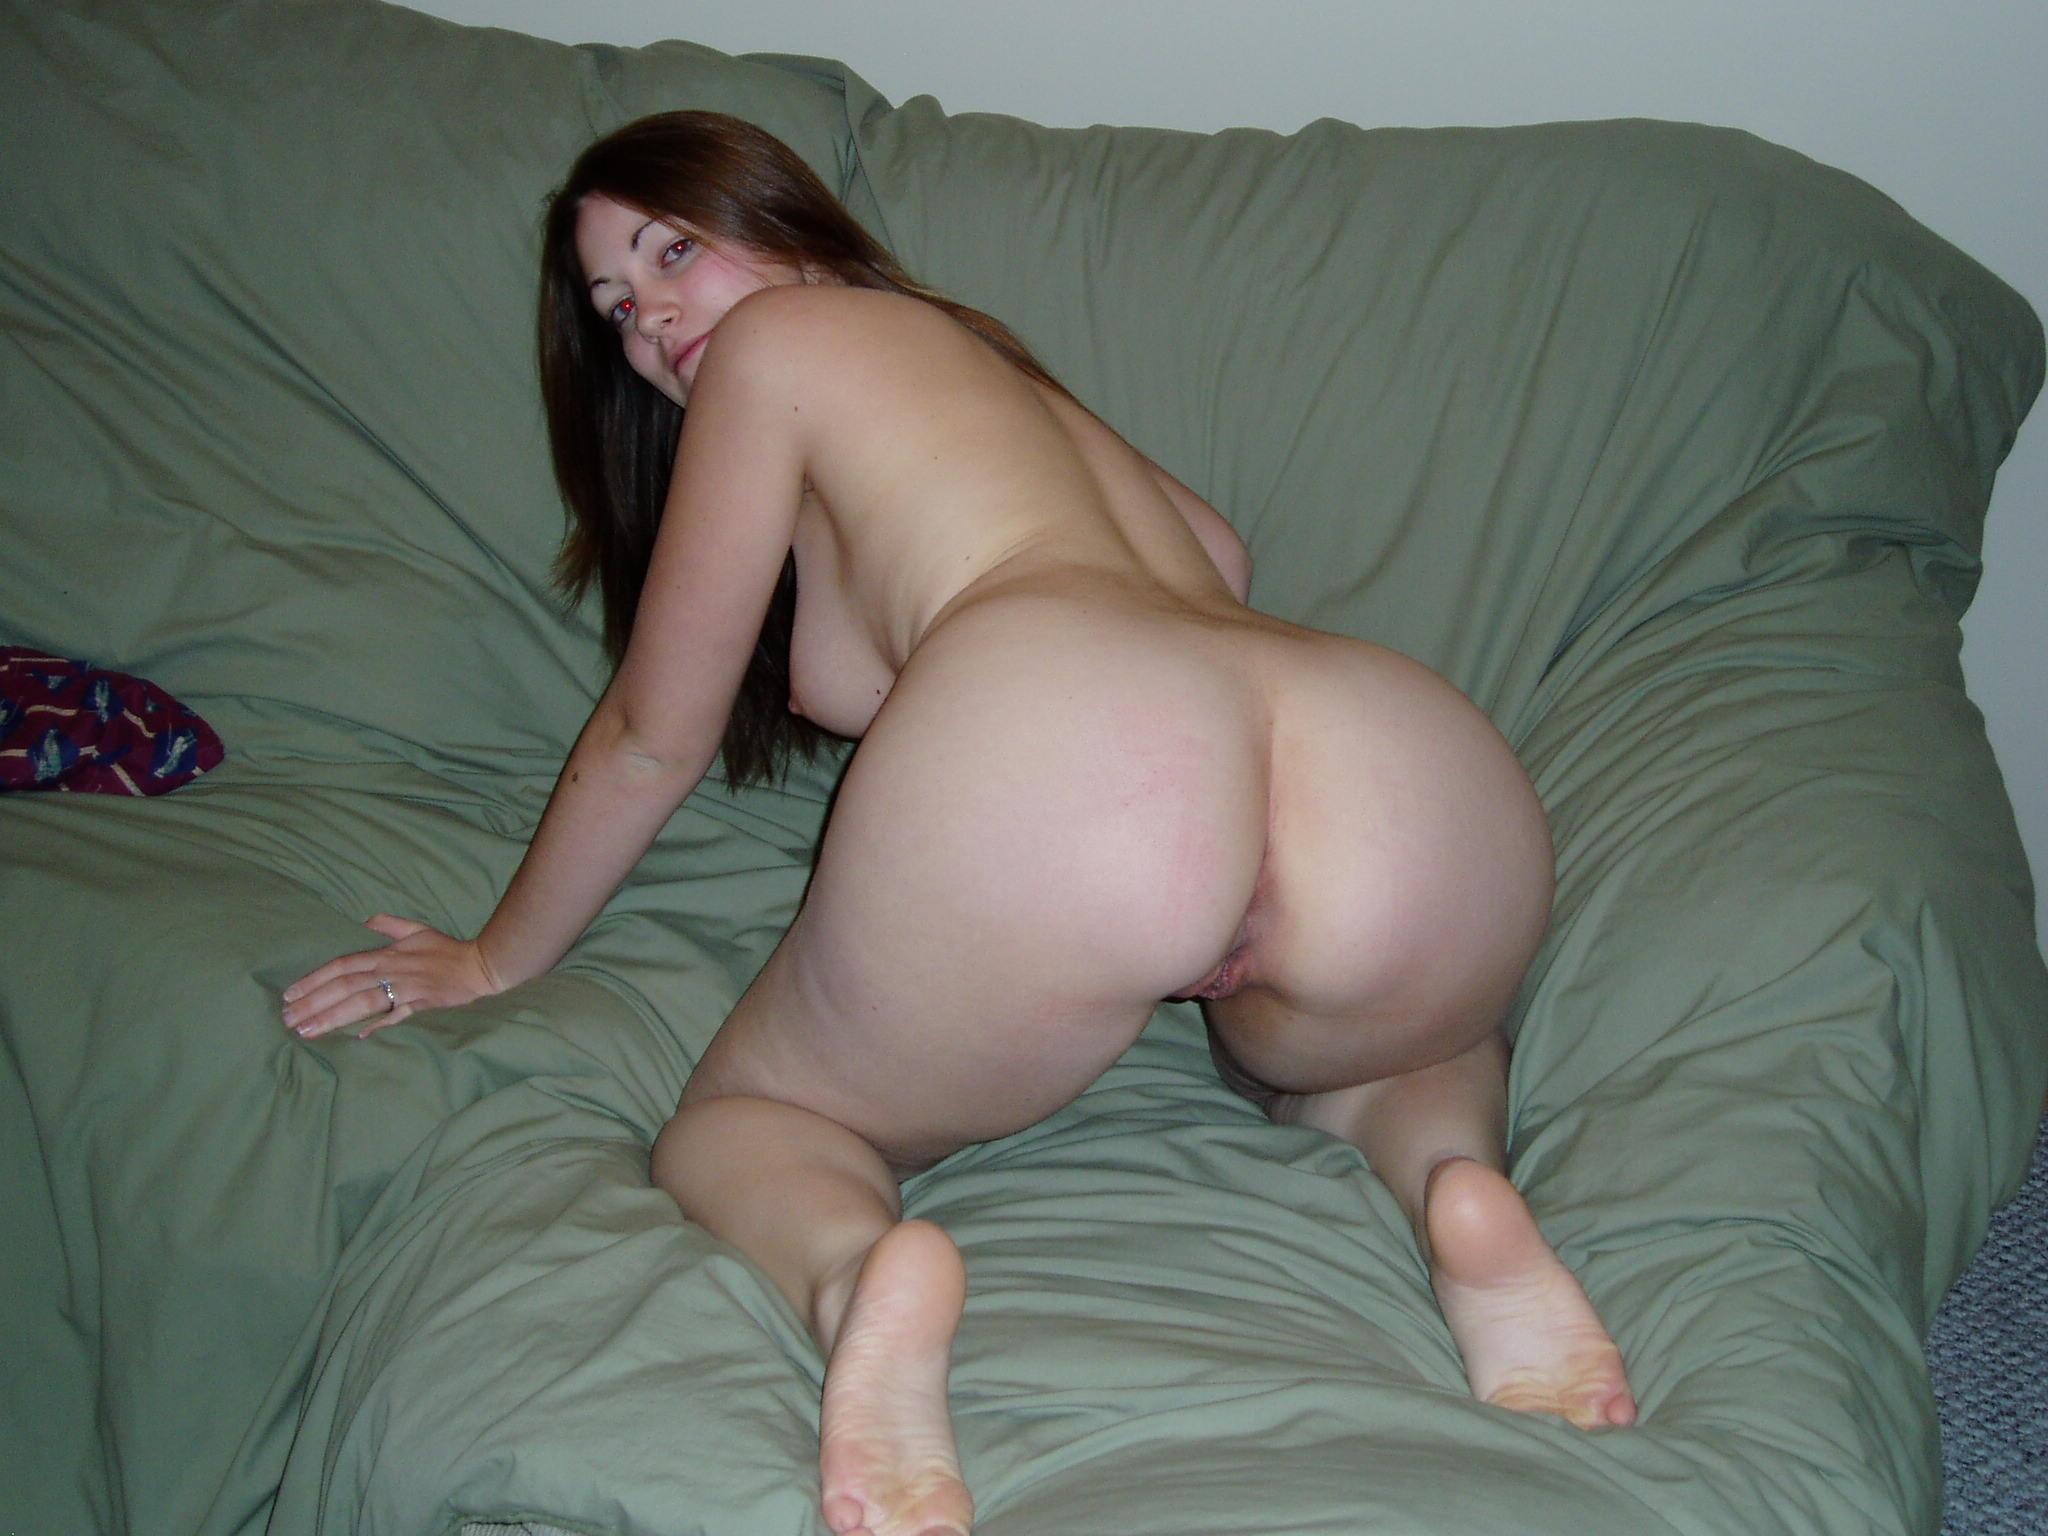 Перед сексом моя жена любит позировать, показывая сладкие дырочки